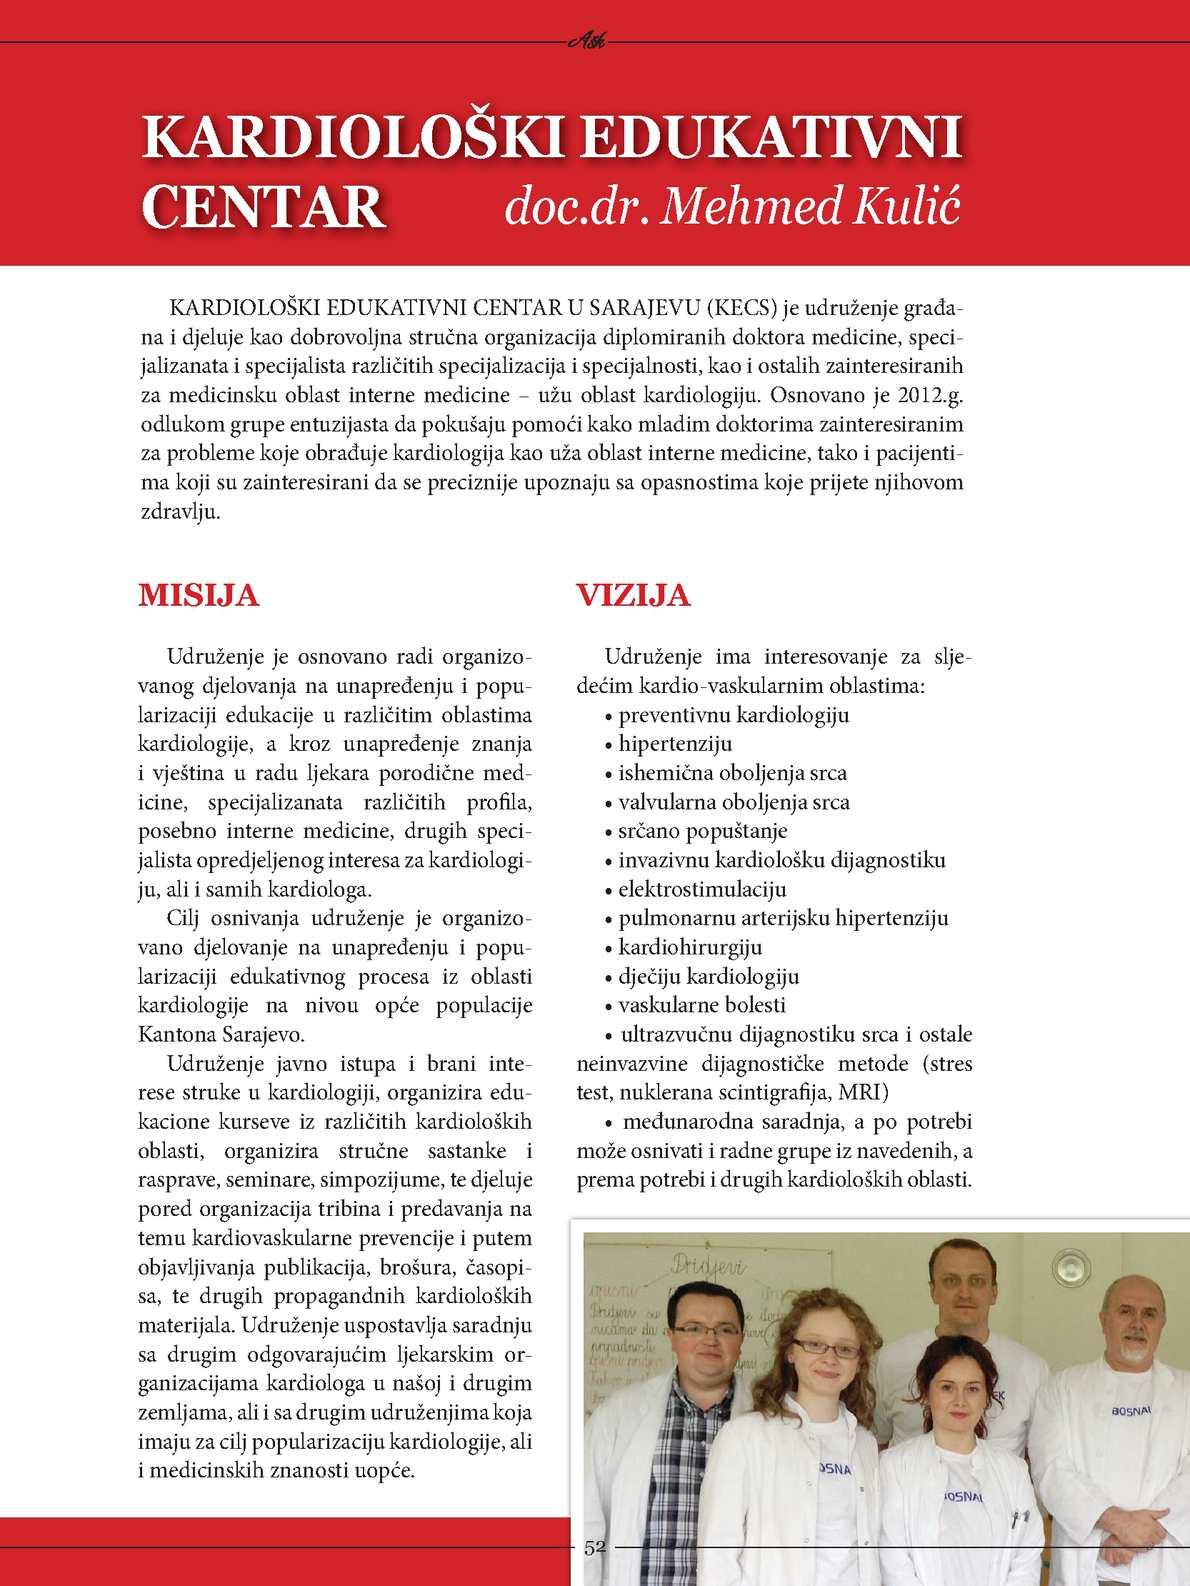 Uzroci hipertenzije u duhovnom planu ,Kislovodsk sanatorij hipertenzija